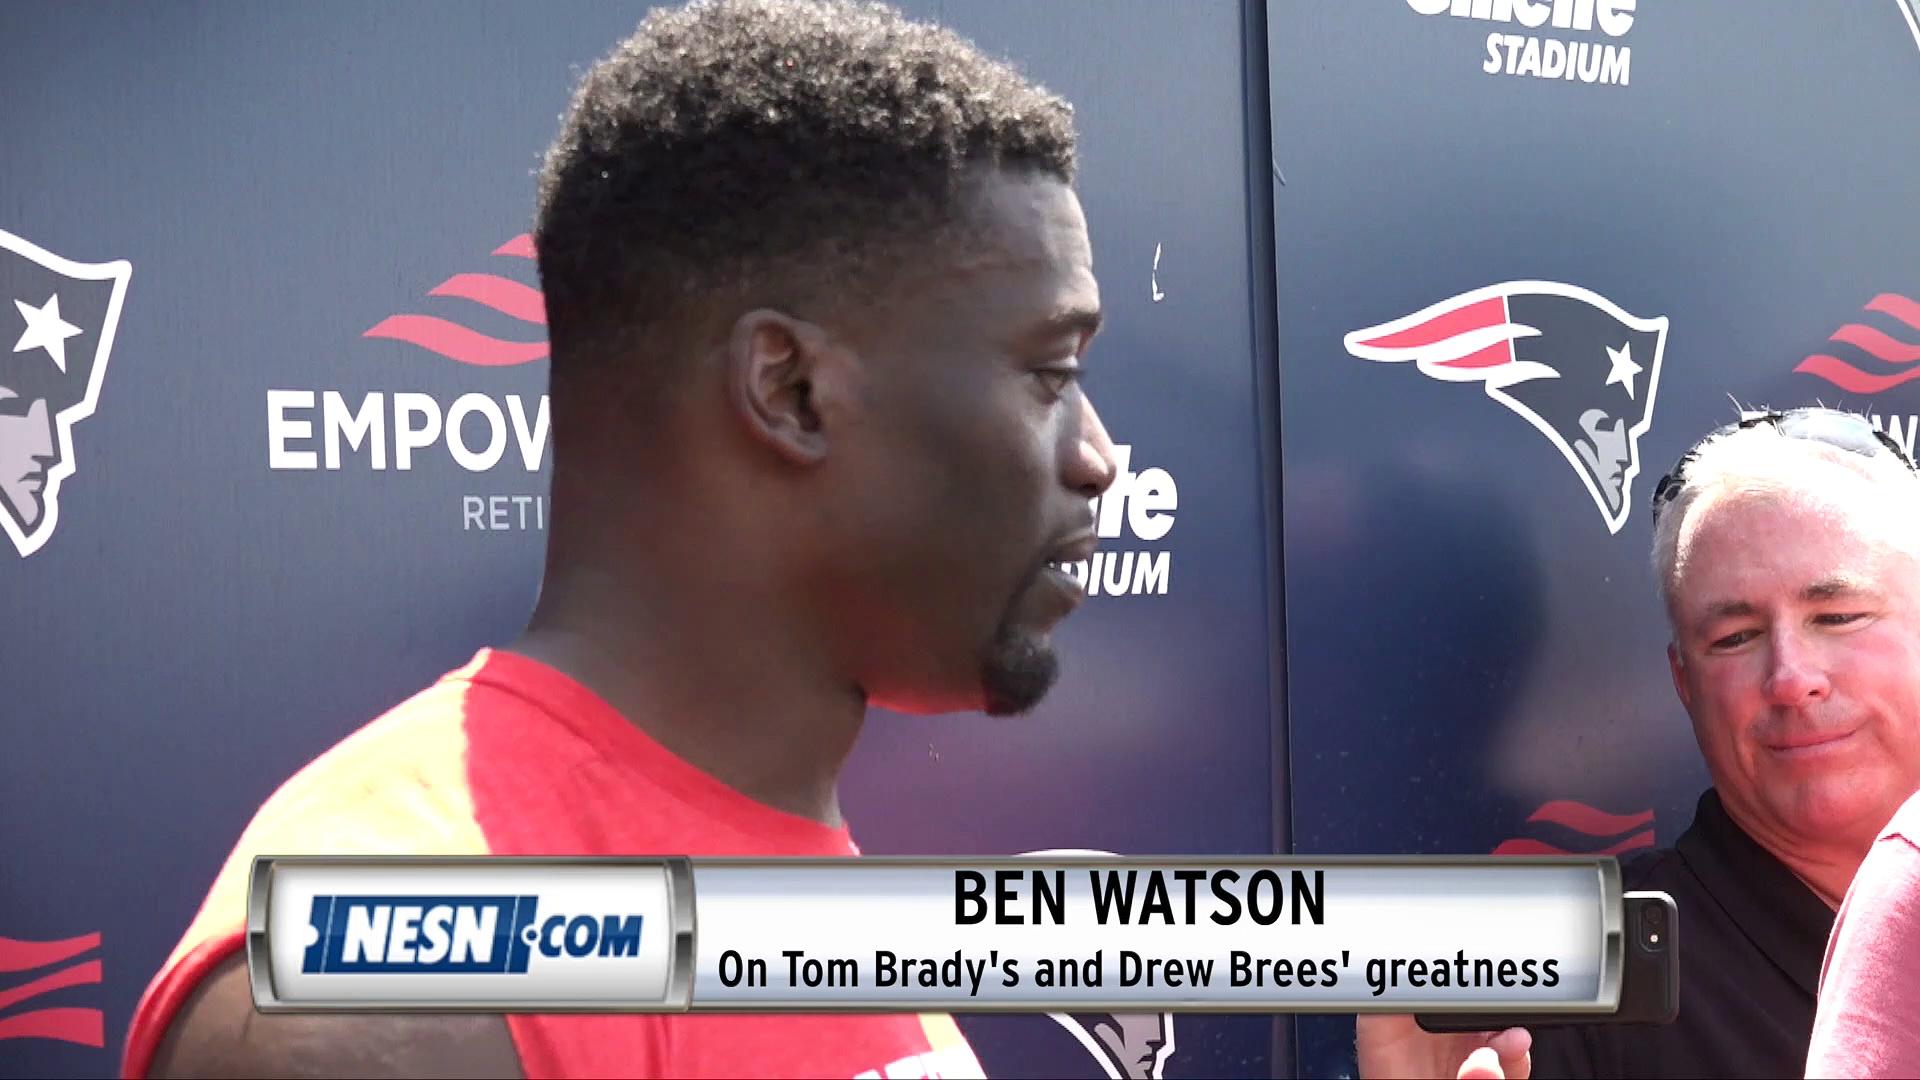 Ben Watson On What He's Learned From Drew Brees, Tom Brady